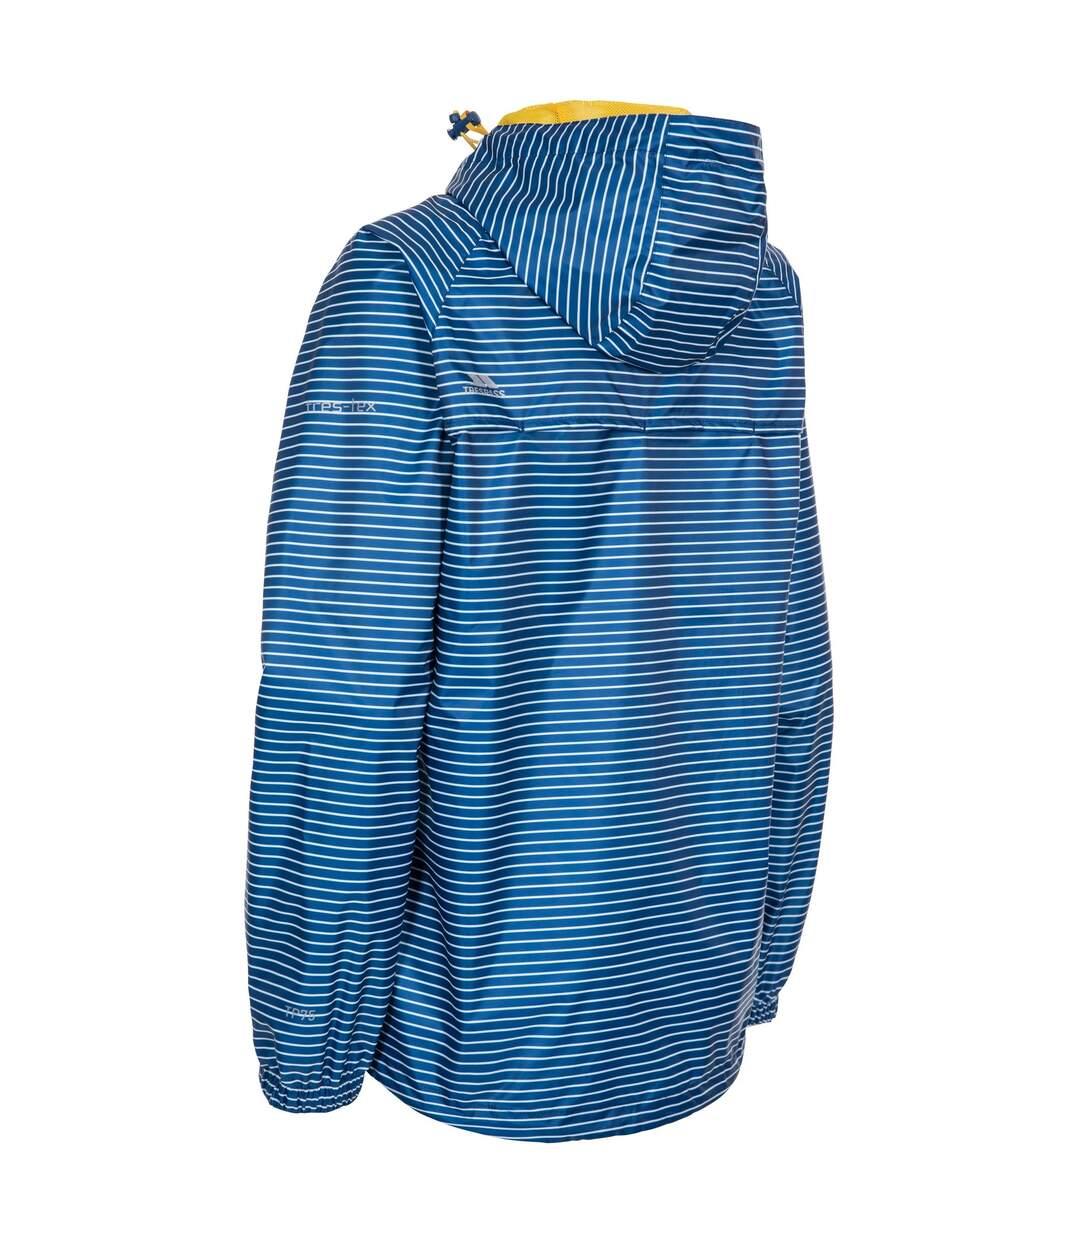 Trespass Womens/Ladies Indulge Waterproof Packaway Jacket (Blue Moon Stripe) - UTTP4649